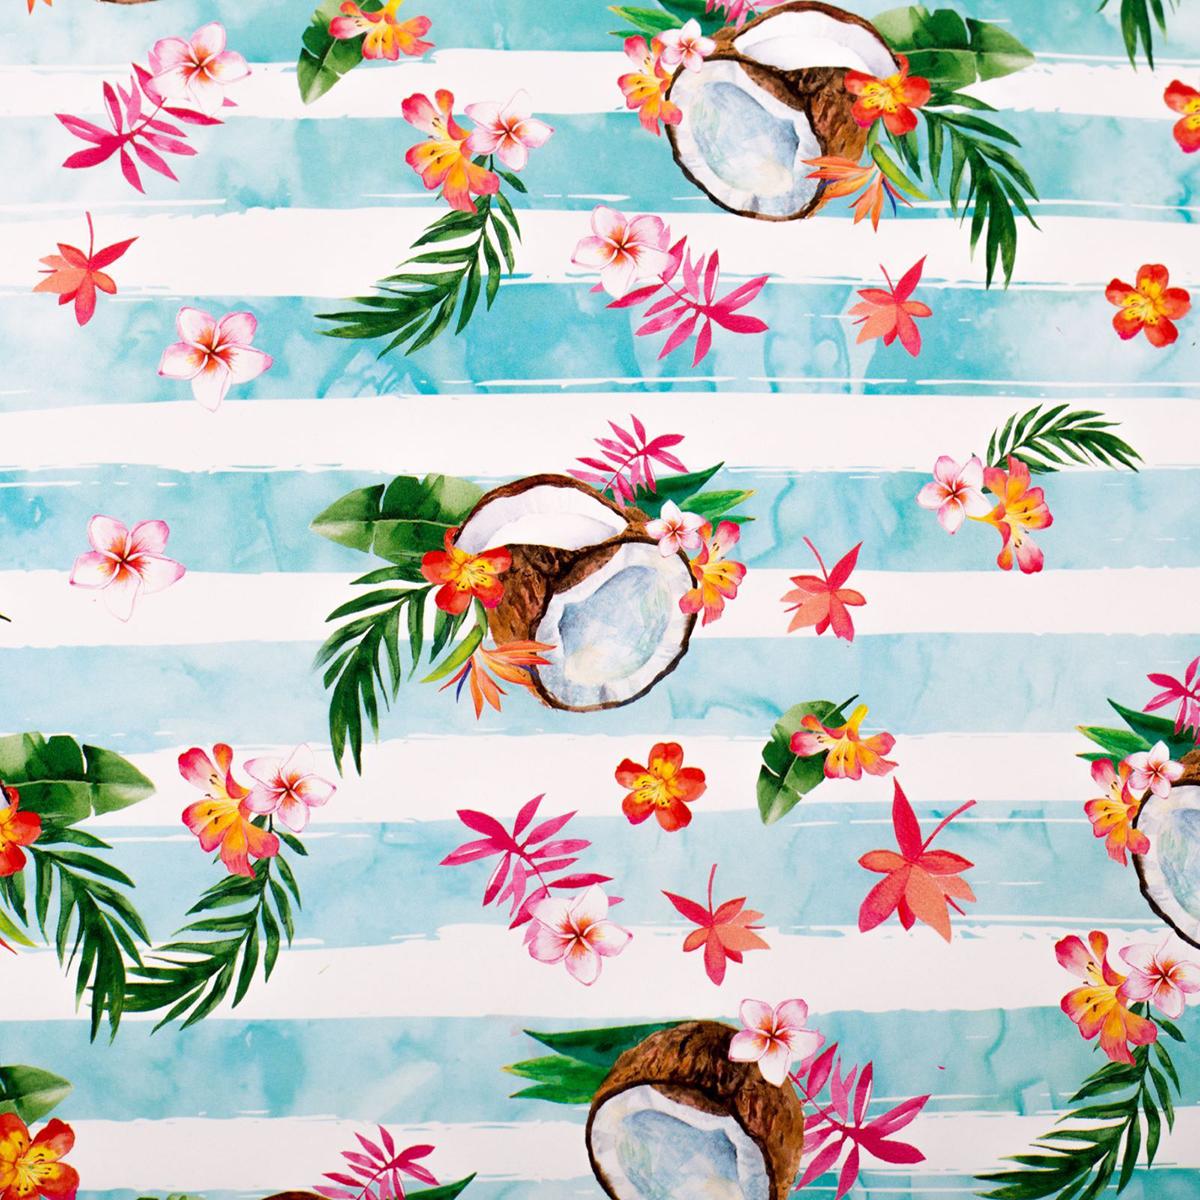 Бумага упаковочная Дарите счастье Райское наслаждение, глянцевая, 70 х 100 см. 2498462 зайцева а как упаковать подарок красиво и оригинально